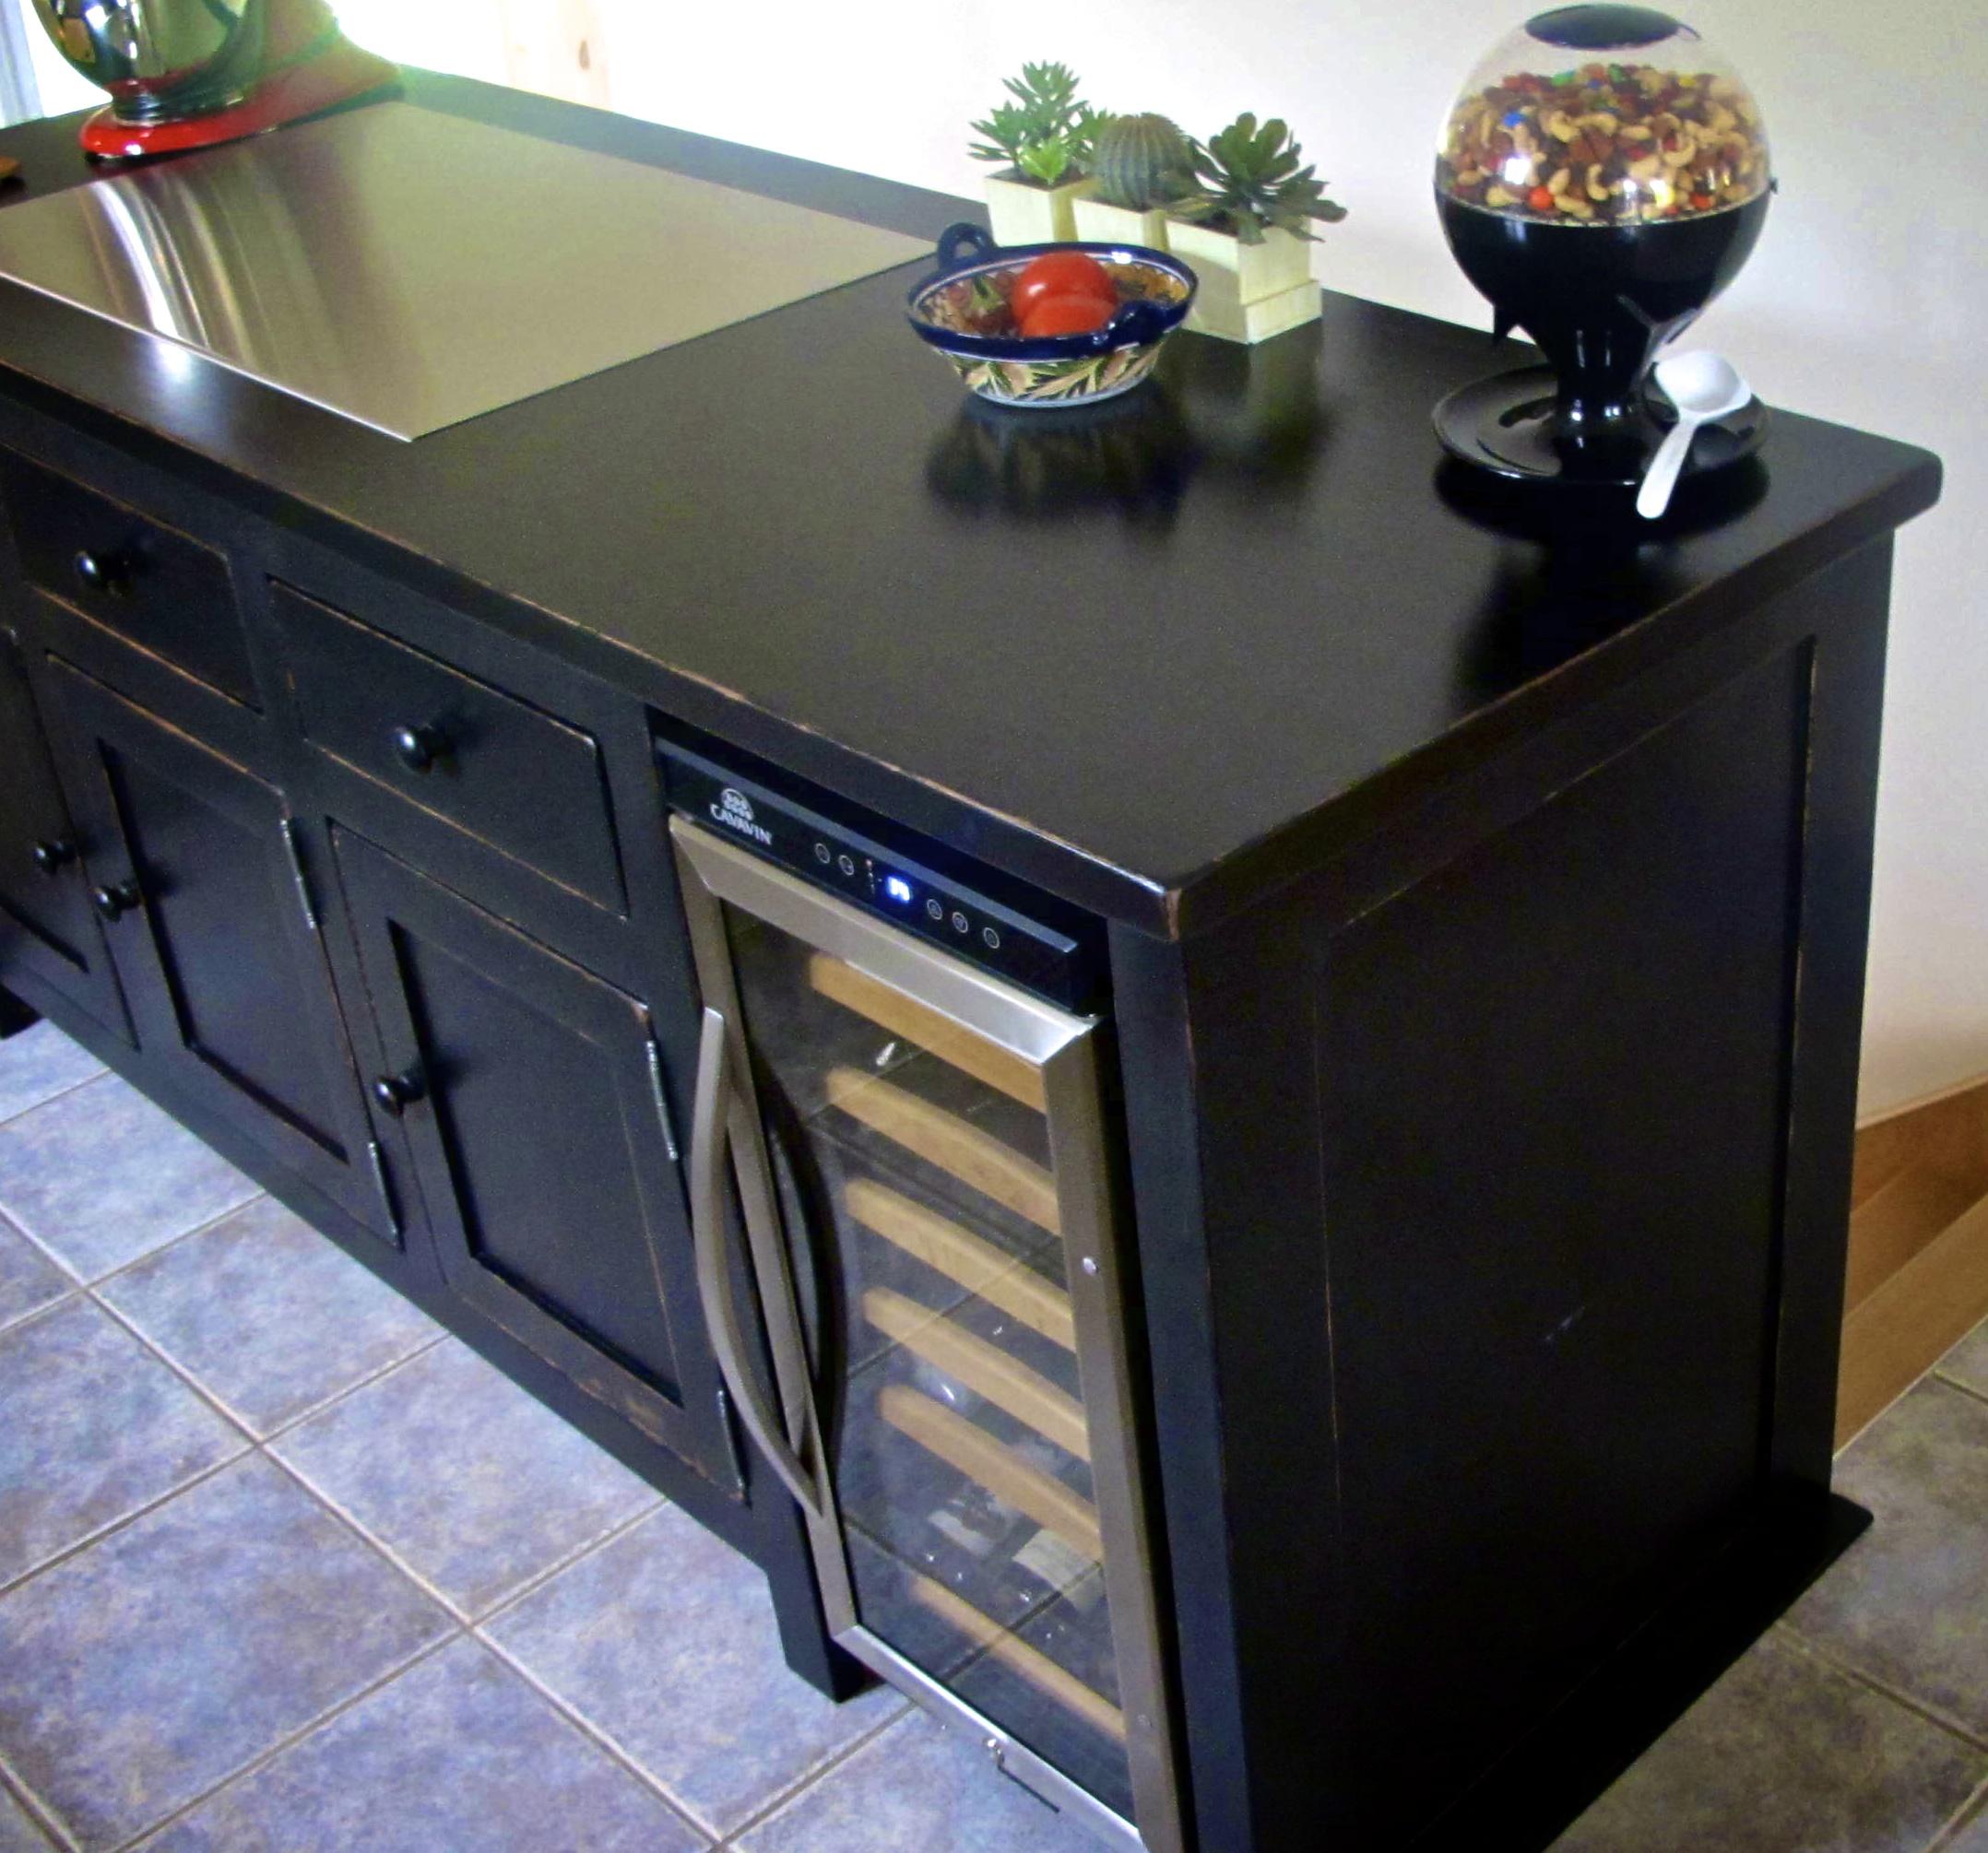 restauration d 39 armoire de cuisine en bois la boite pin. Black Bedroom Furniture Sets. Home Design Ideas